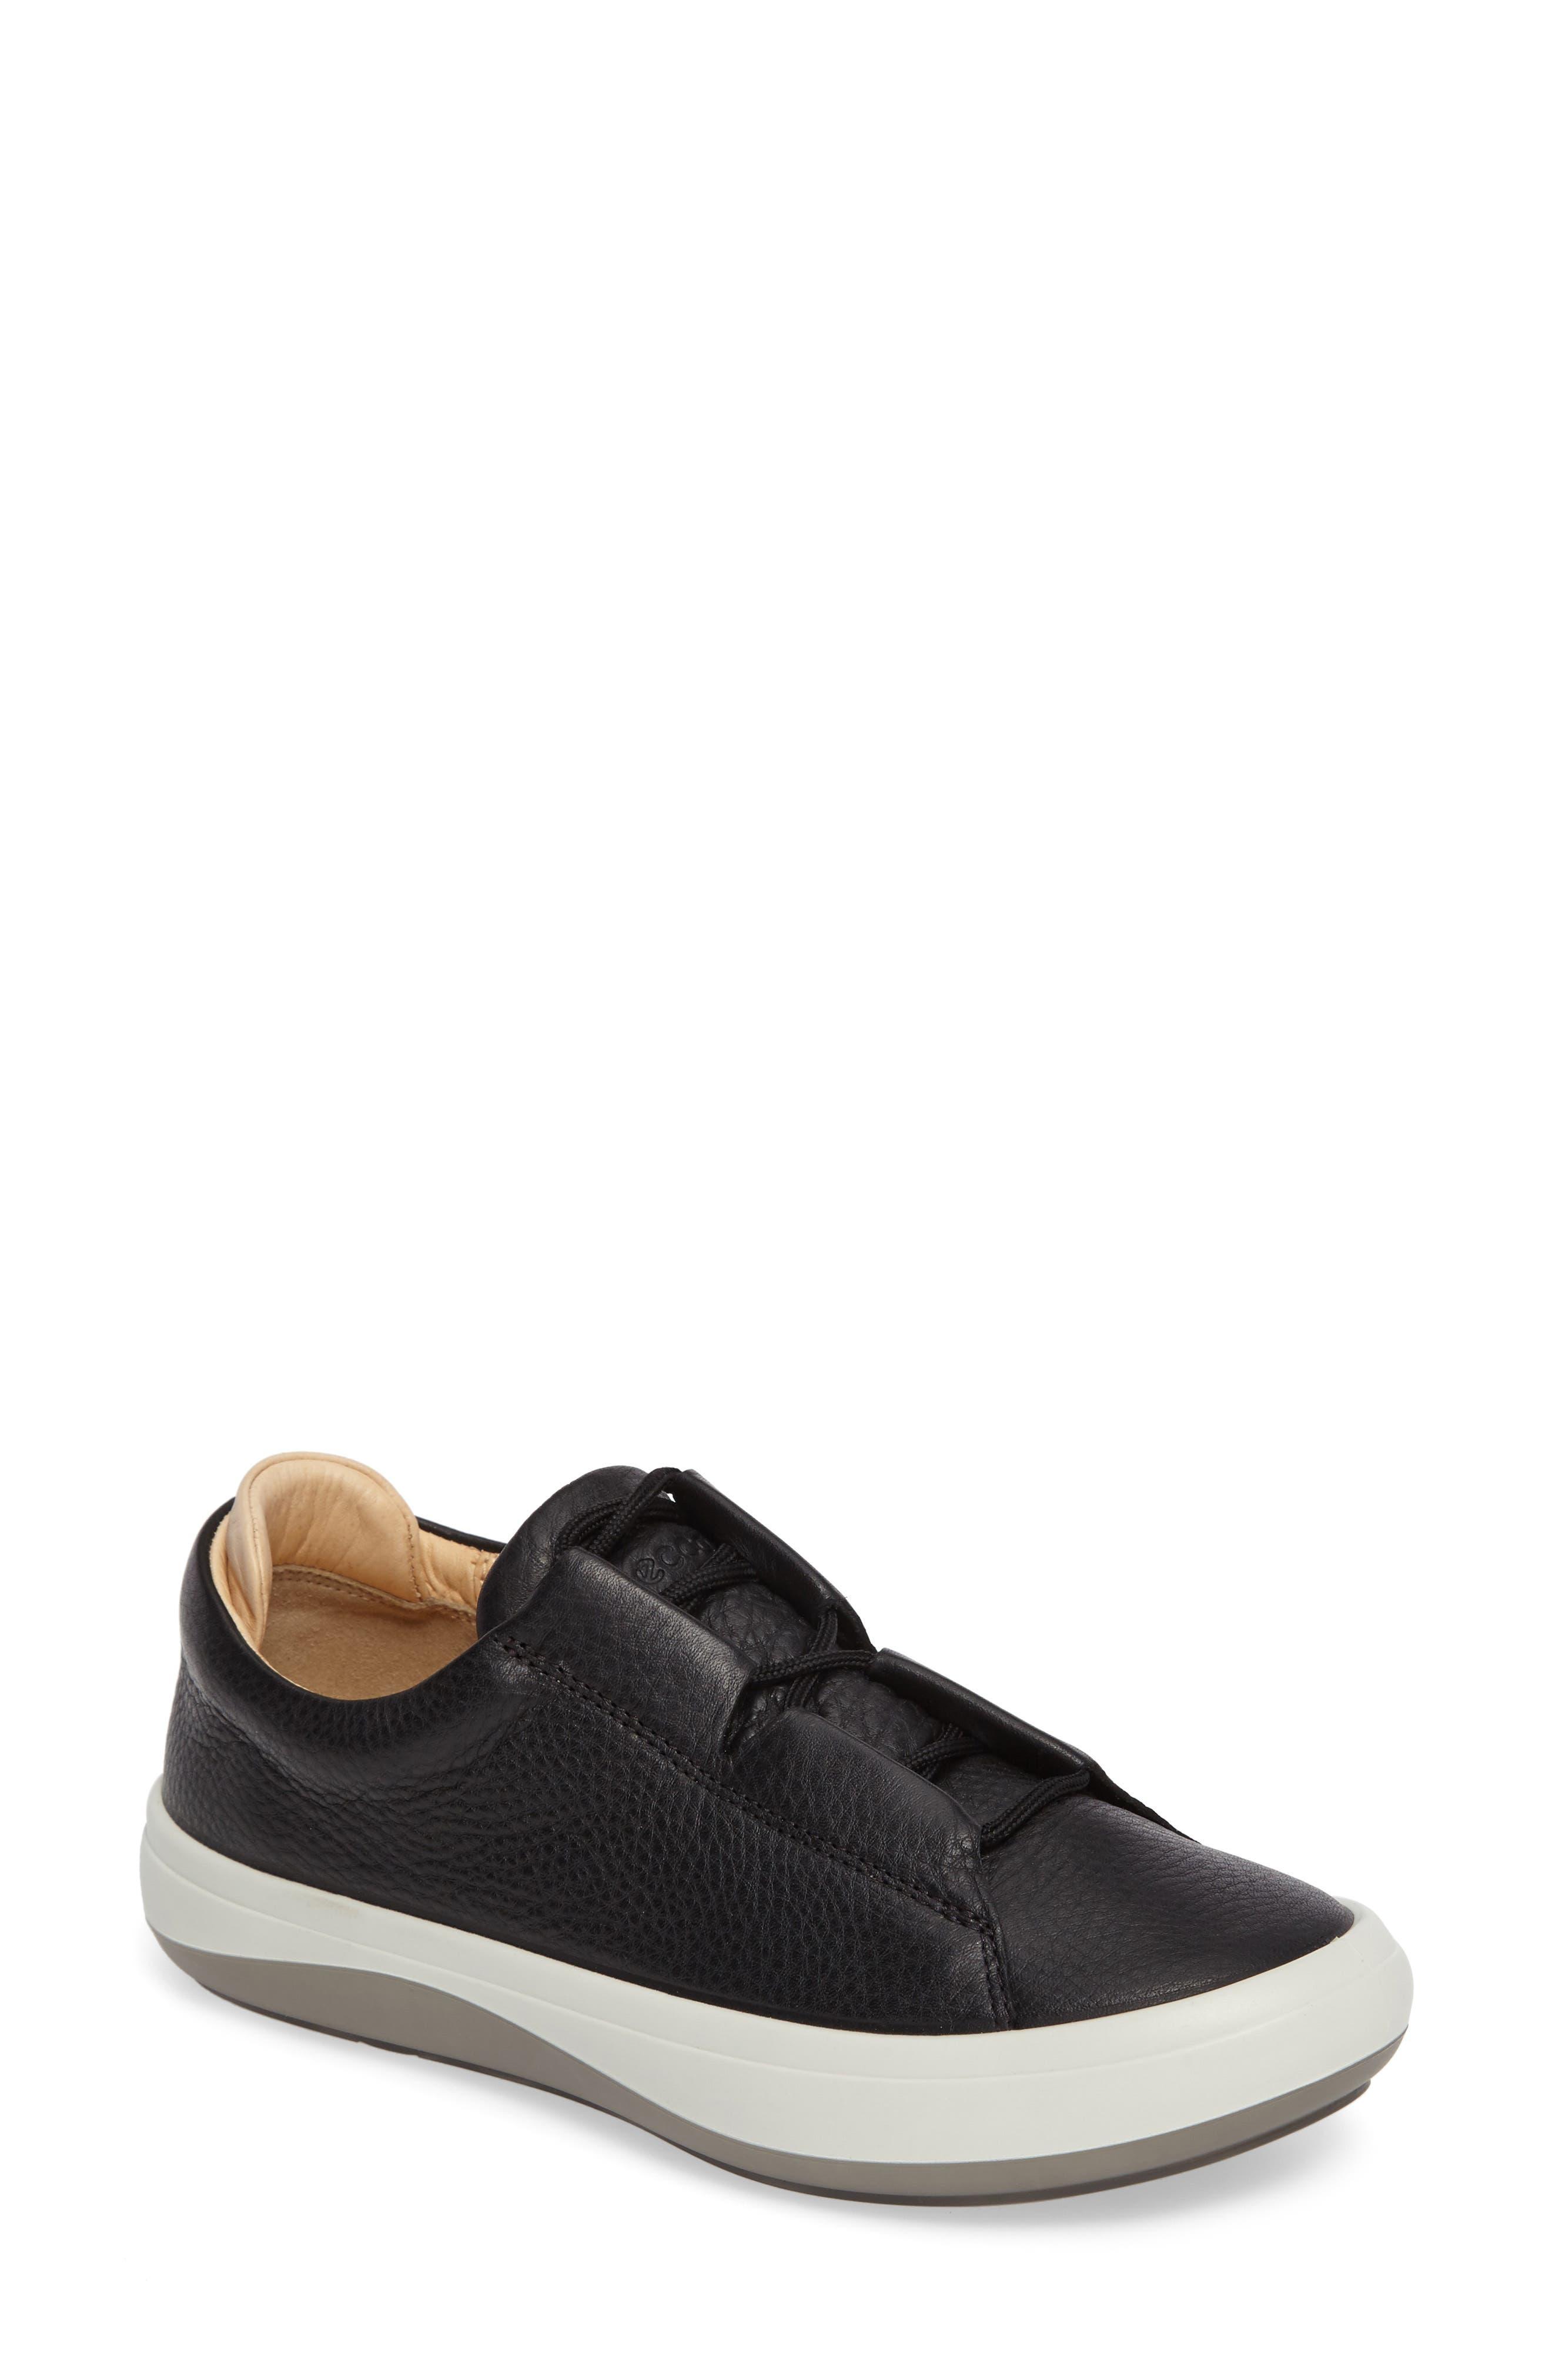 Kinhin Low Top Sneaker,                         Main,                         color, 013